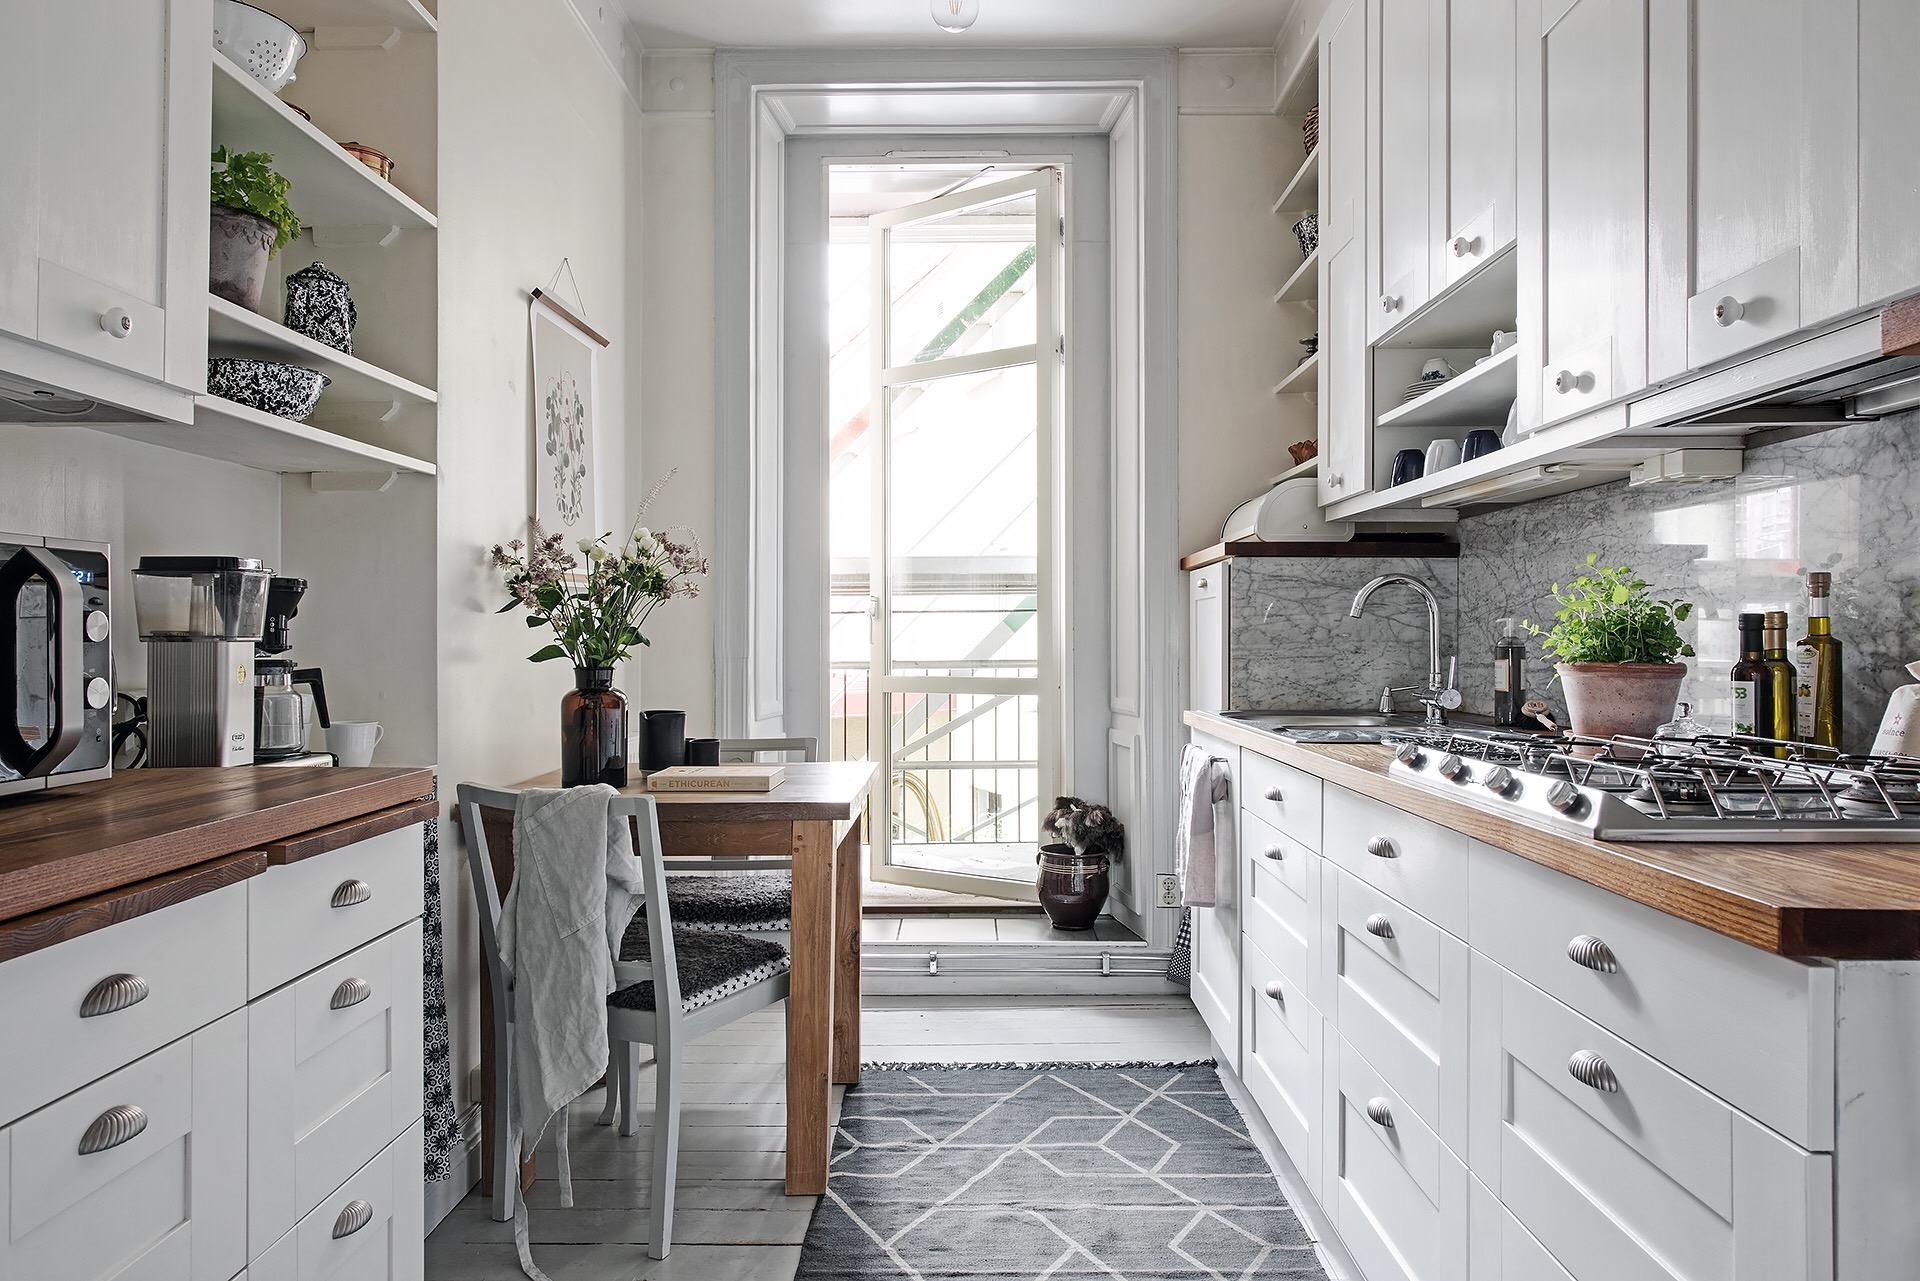 белая кухня балкон столешница мойка смеситель обеденный стол